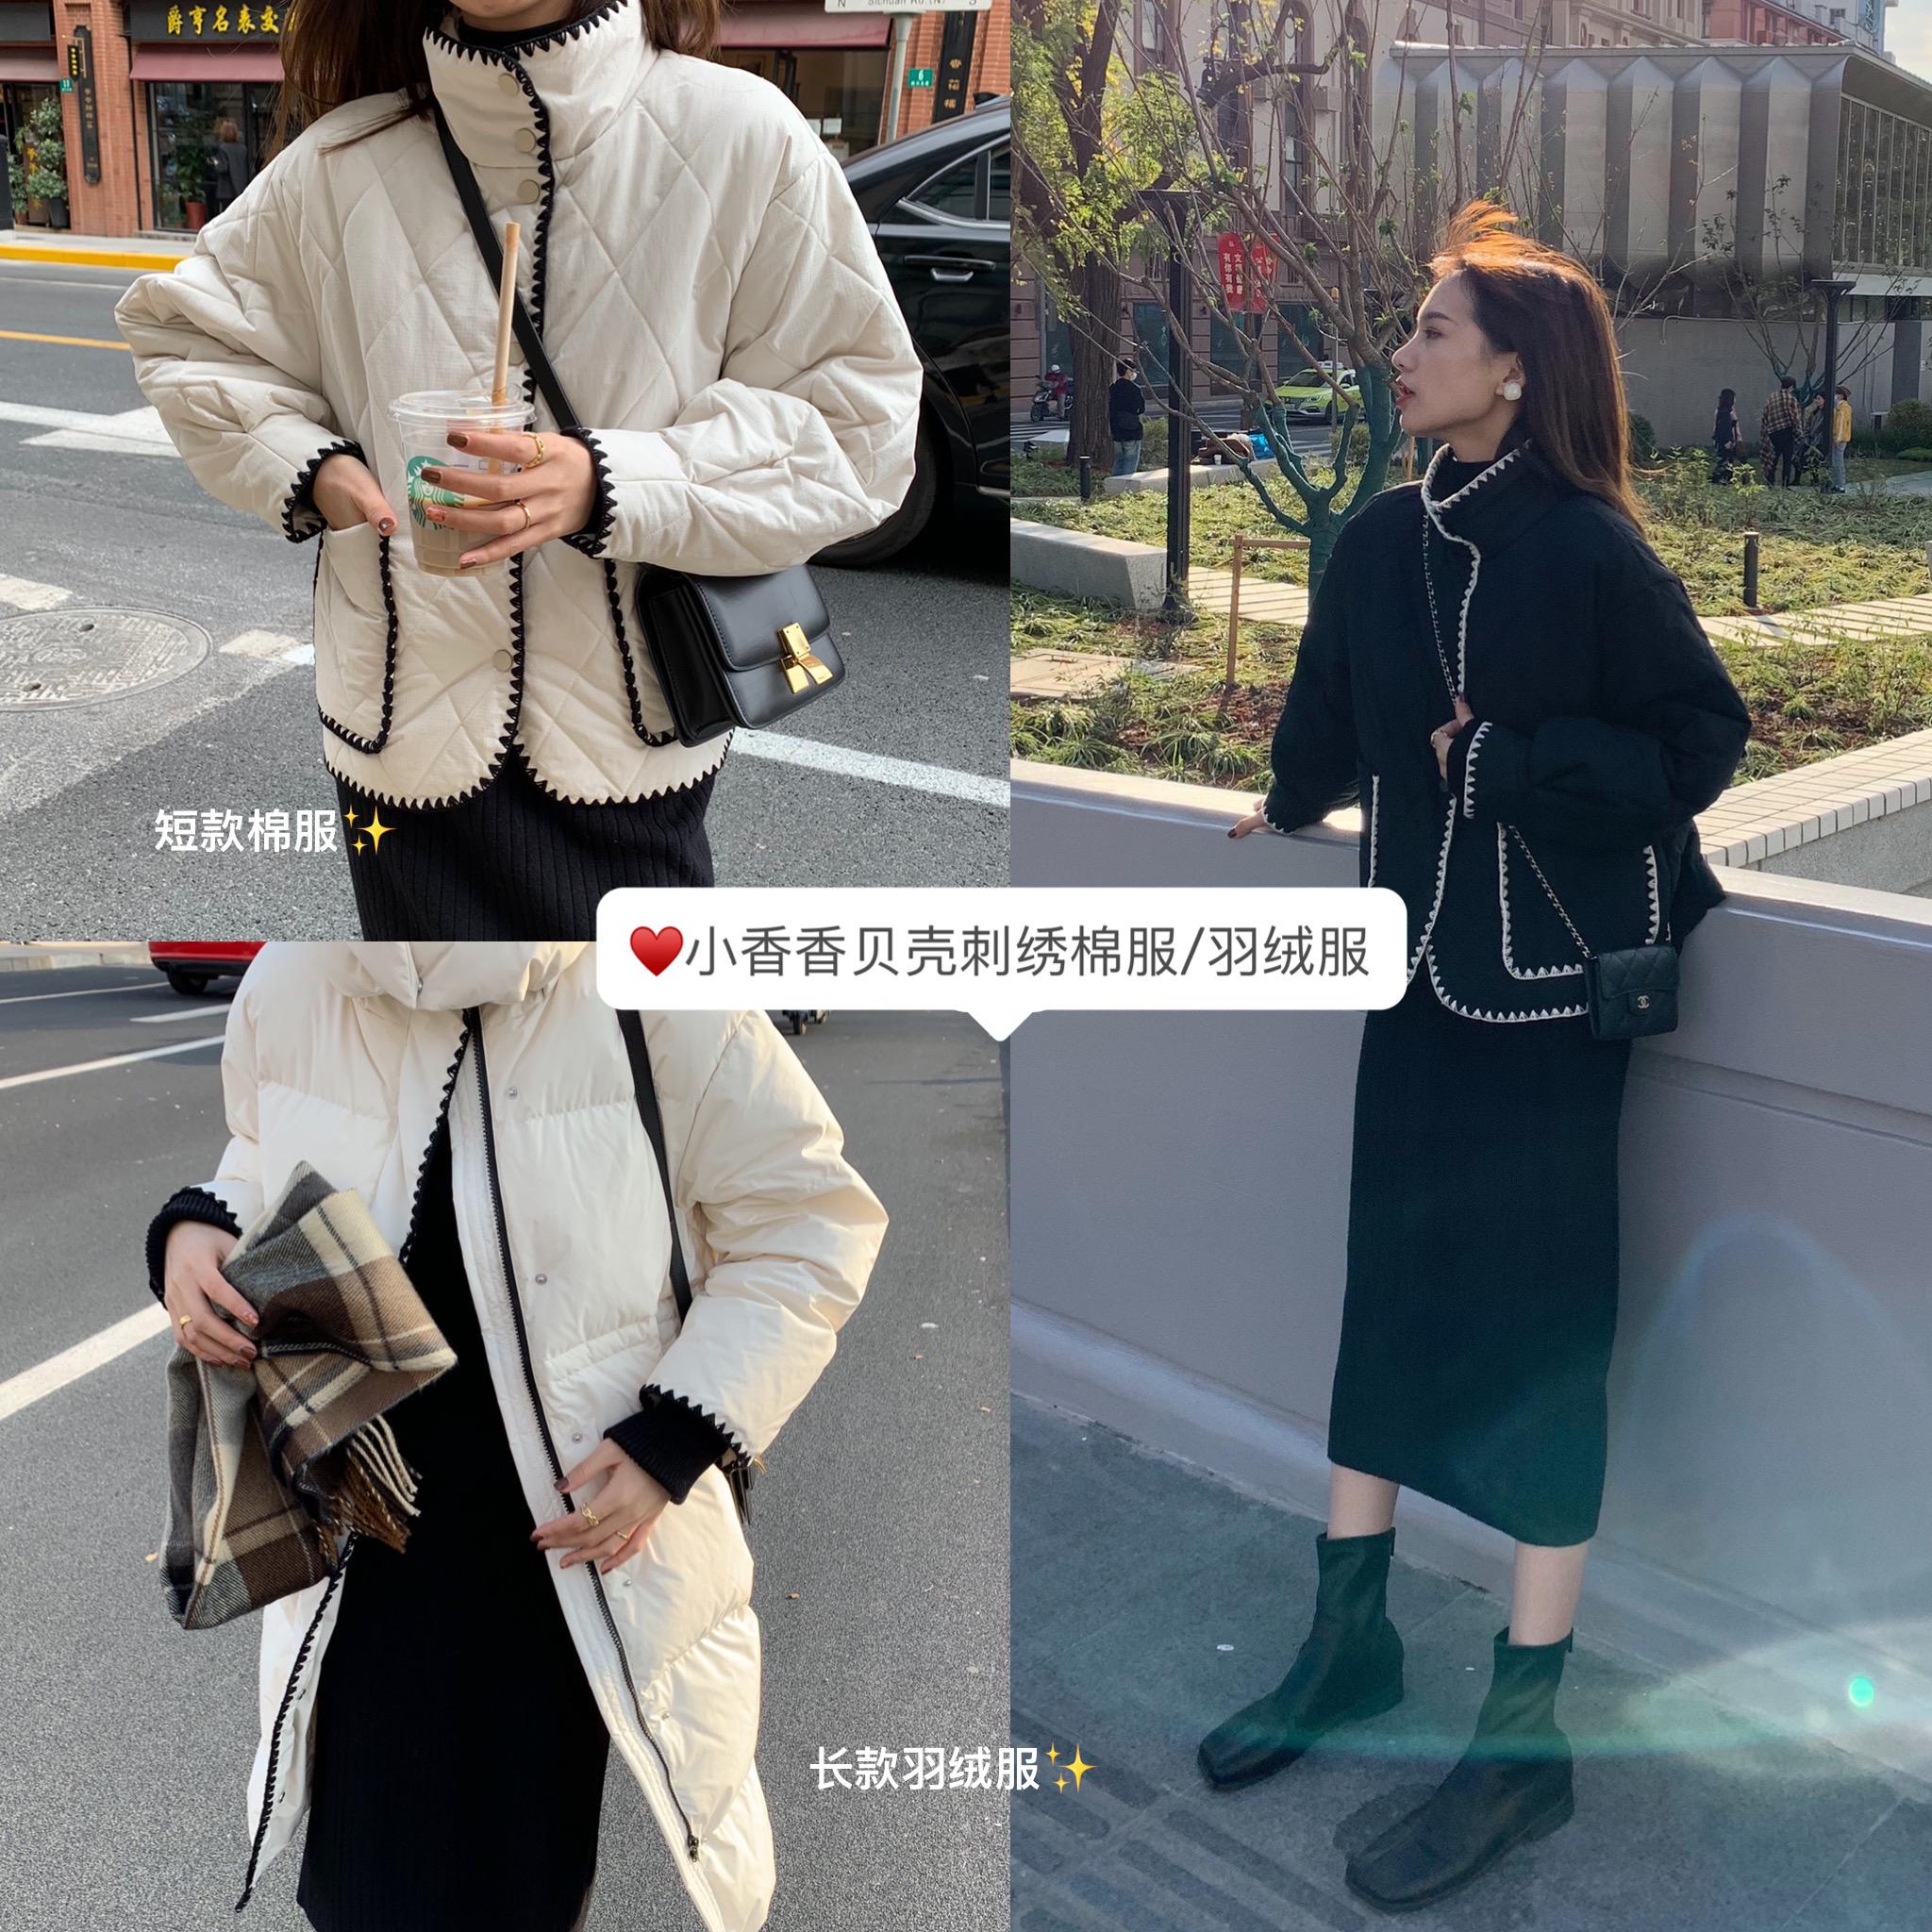 两个香香版本也太心动了~贝壳刺绣菱格短款棉服/长款羽绒服